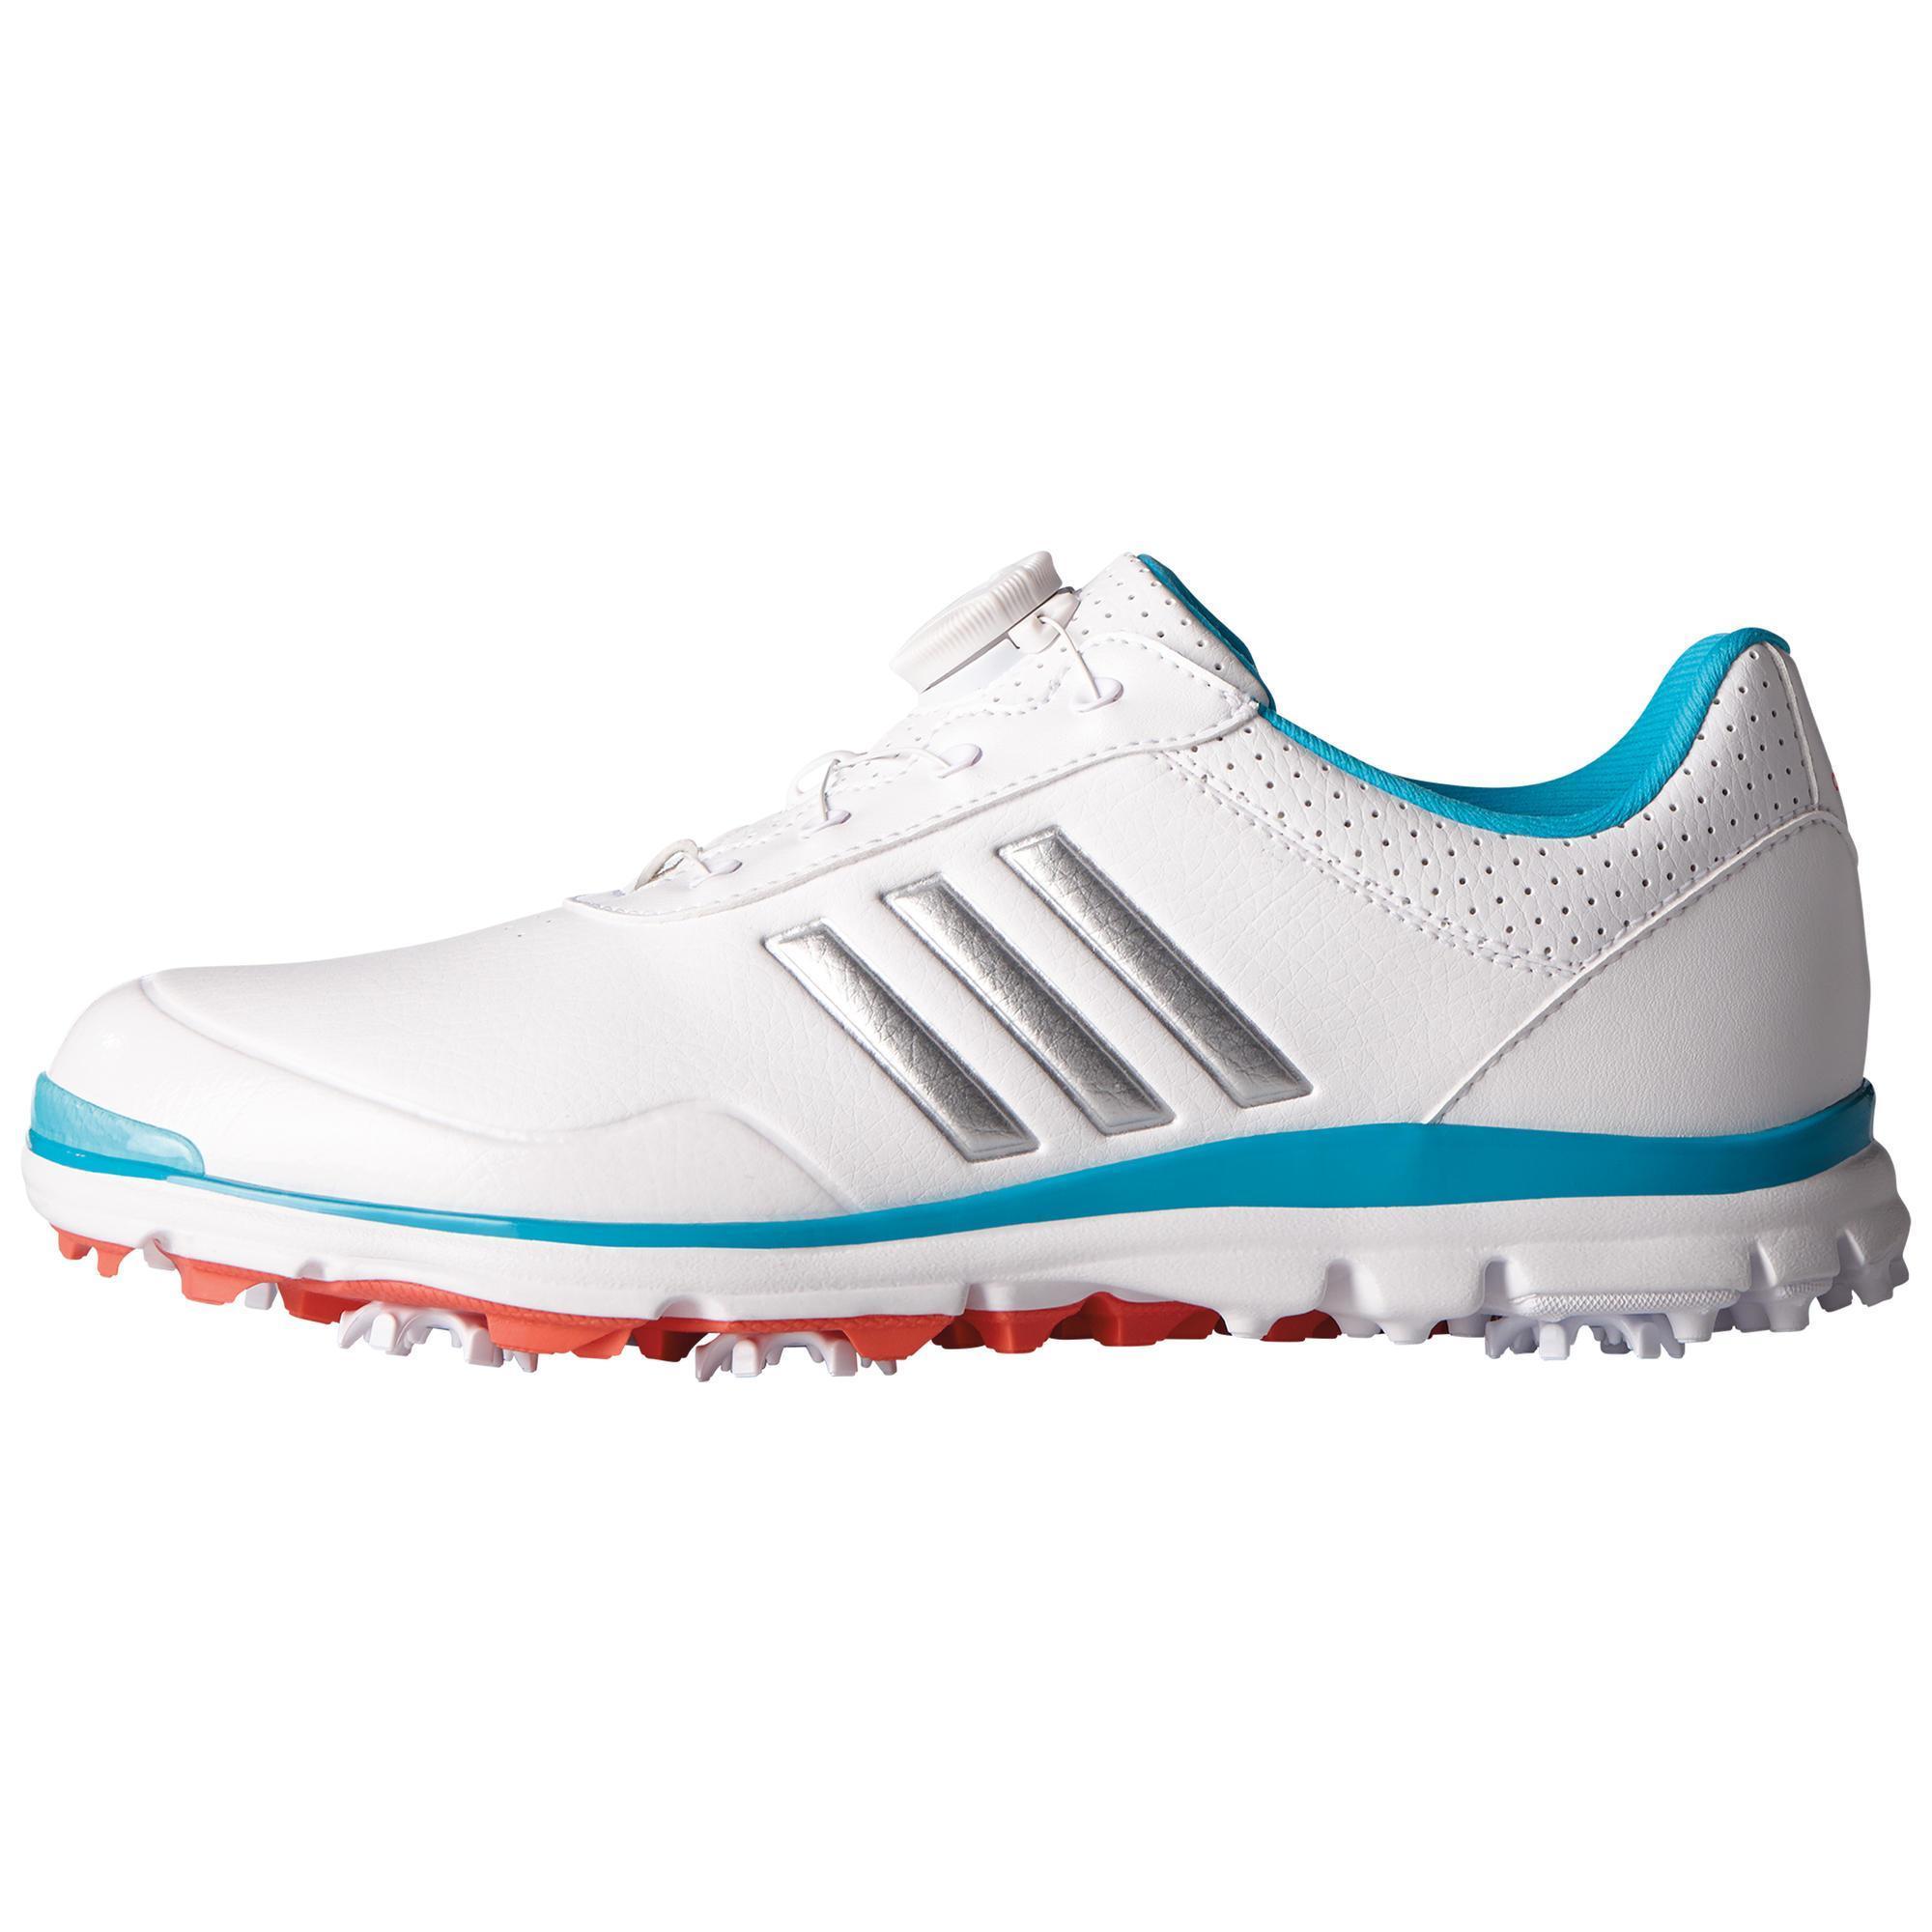 adidas golfschoenen Adistar Lite BOA dames wit maat 41 1-3